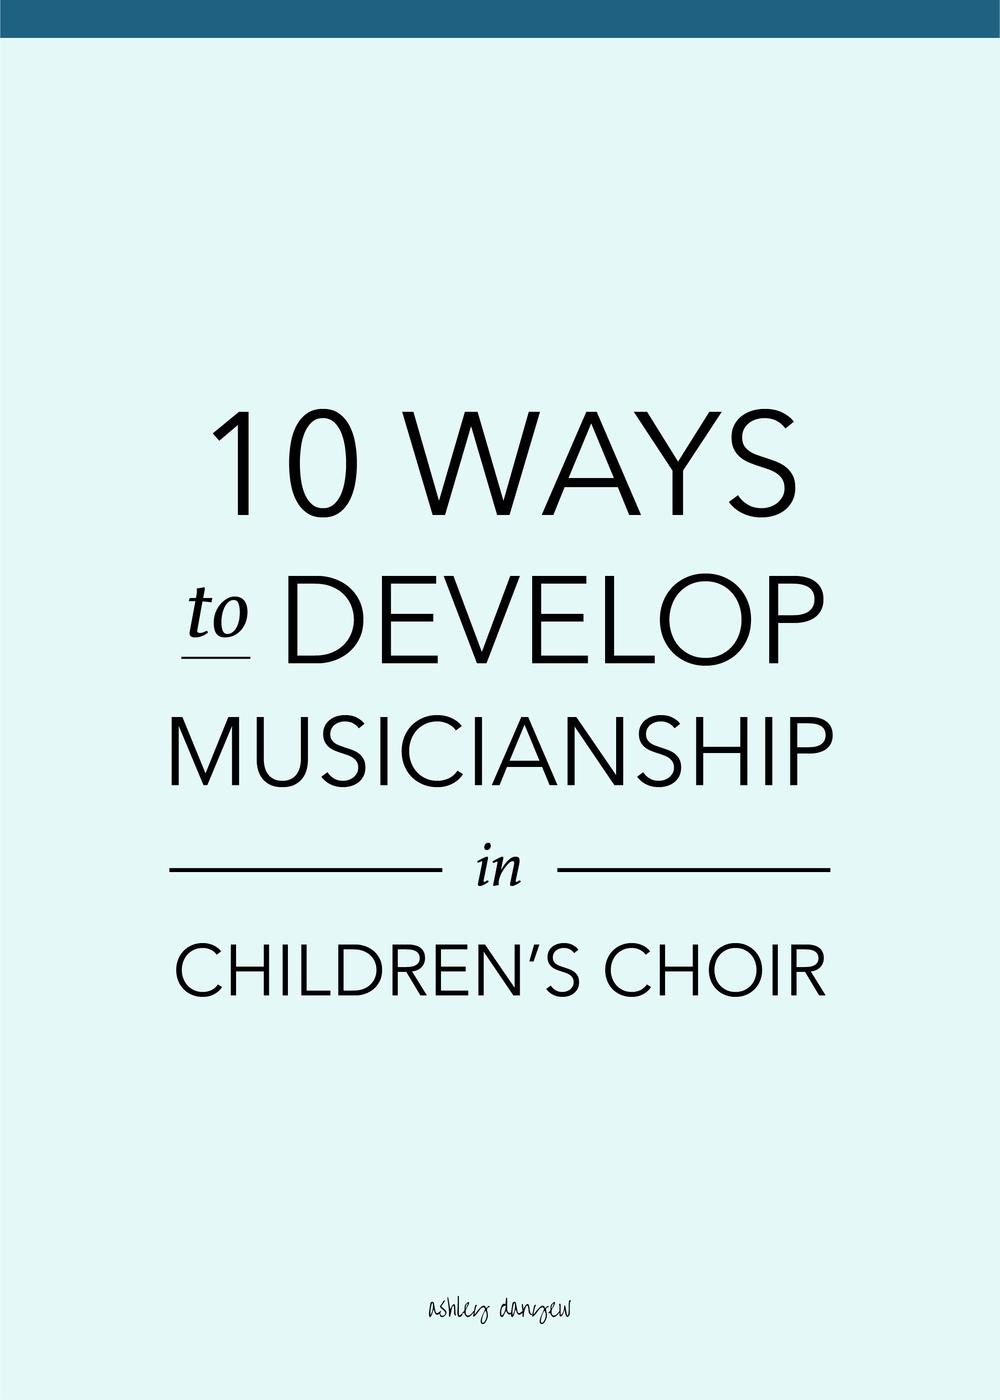 10 Ways to Develop Musicianship in Children's Choir-07.png